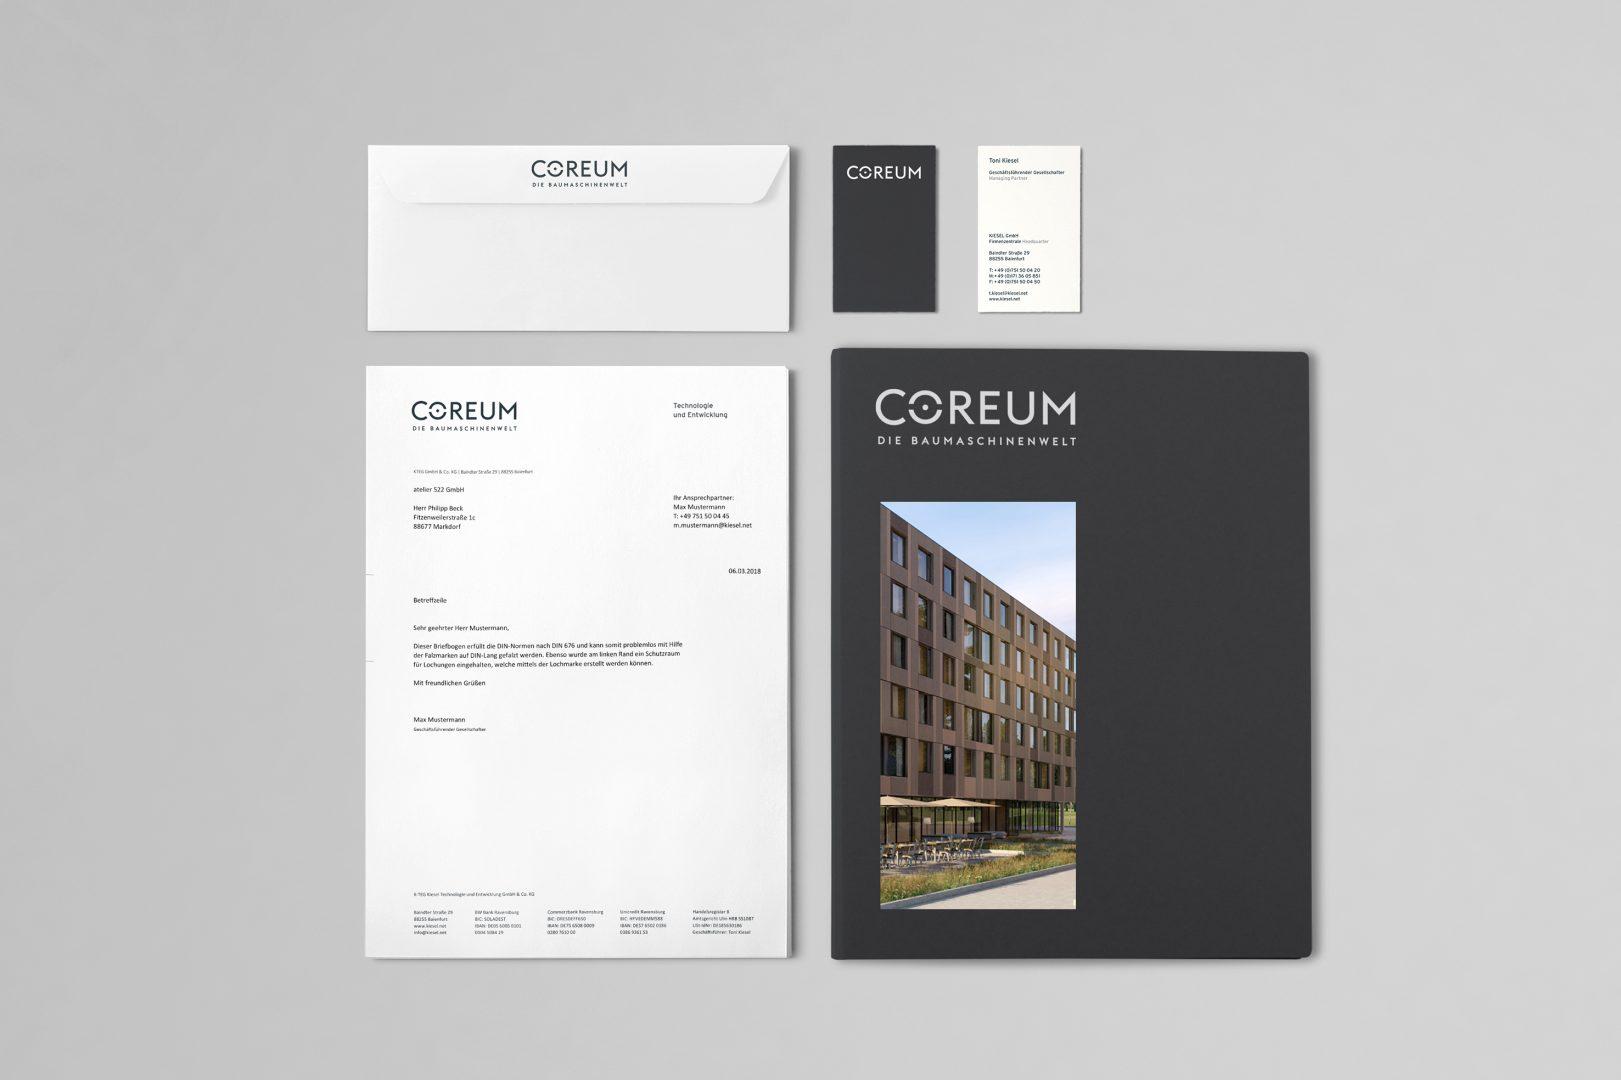 atelier-522-coreum-3